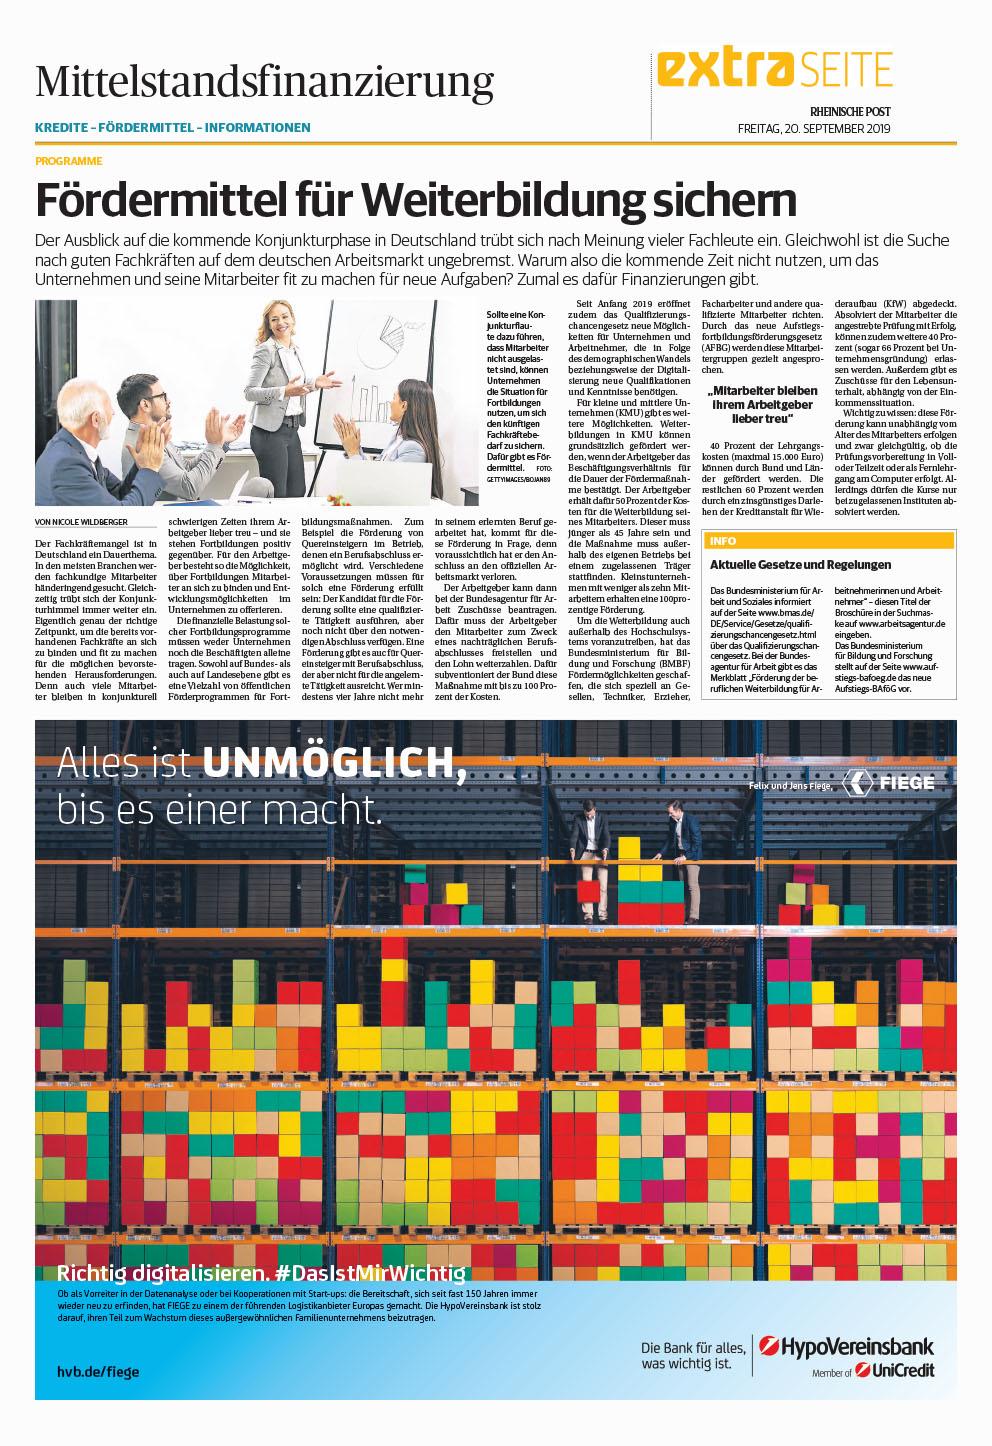 mittelstandfinanzierung_2019